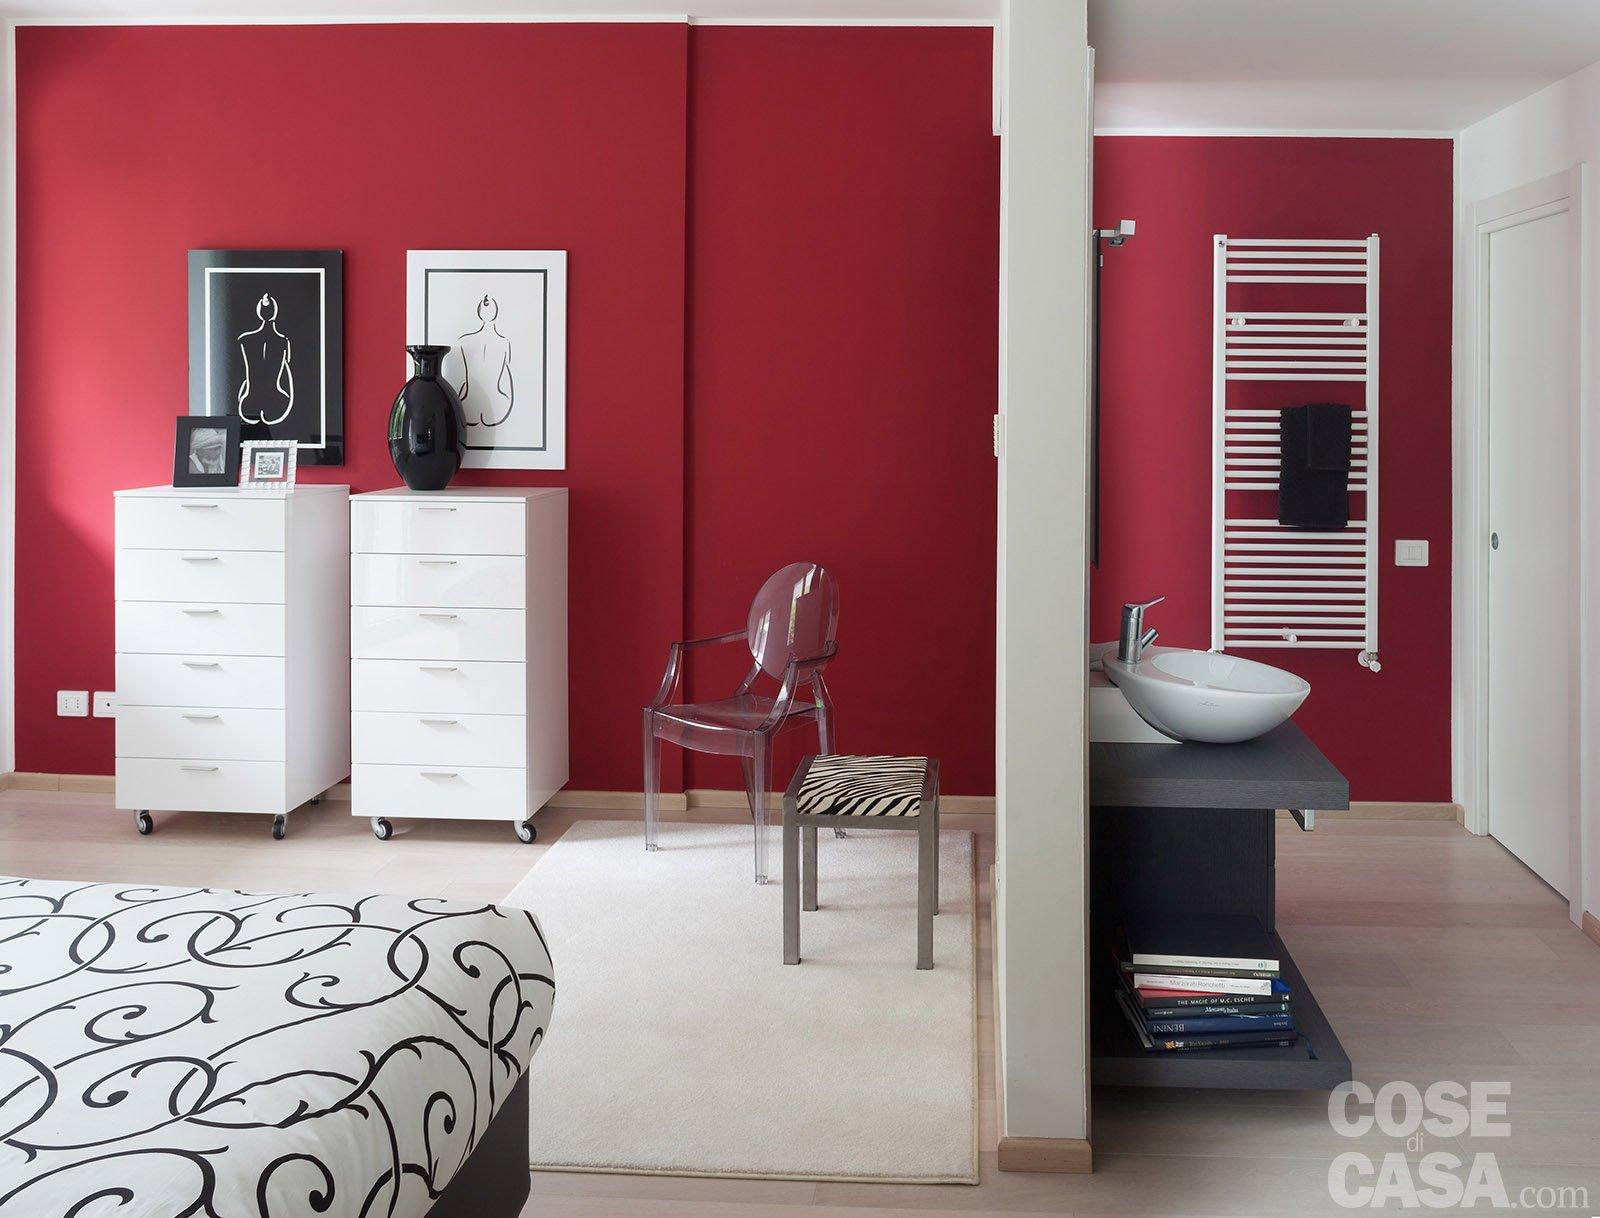 casa-camera-parete-rossa - Cose di Casa